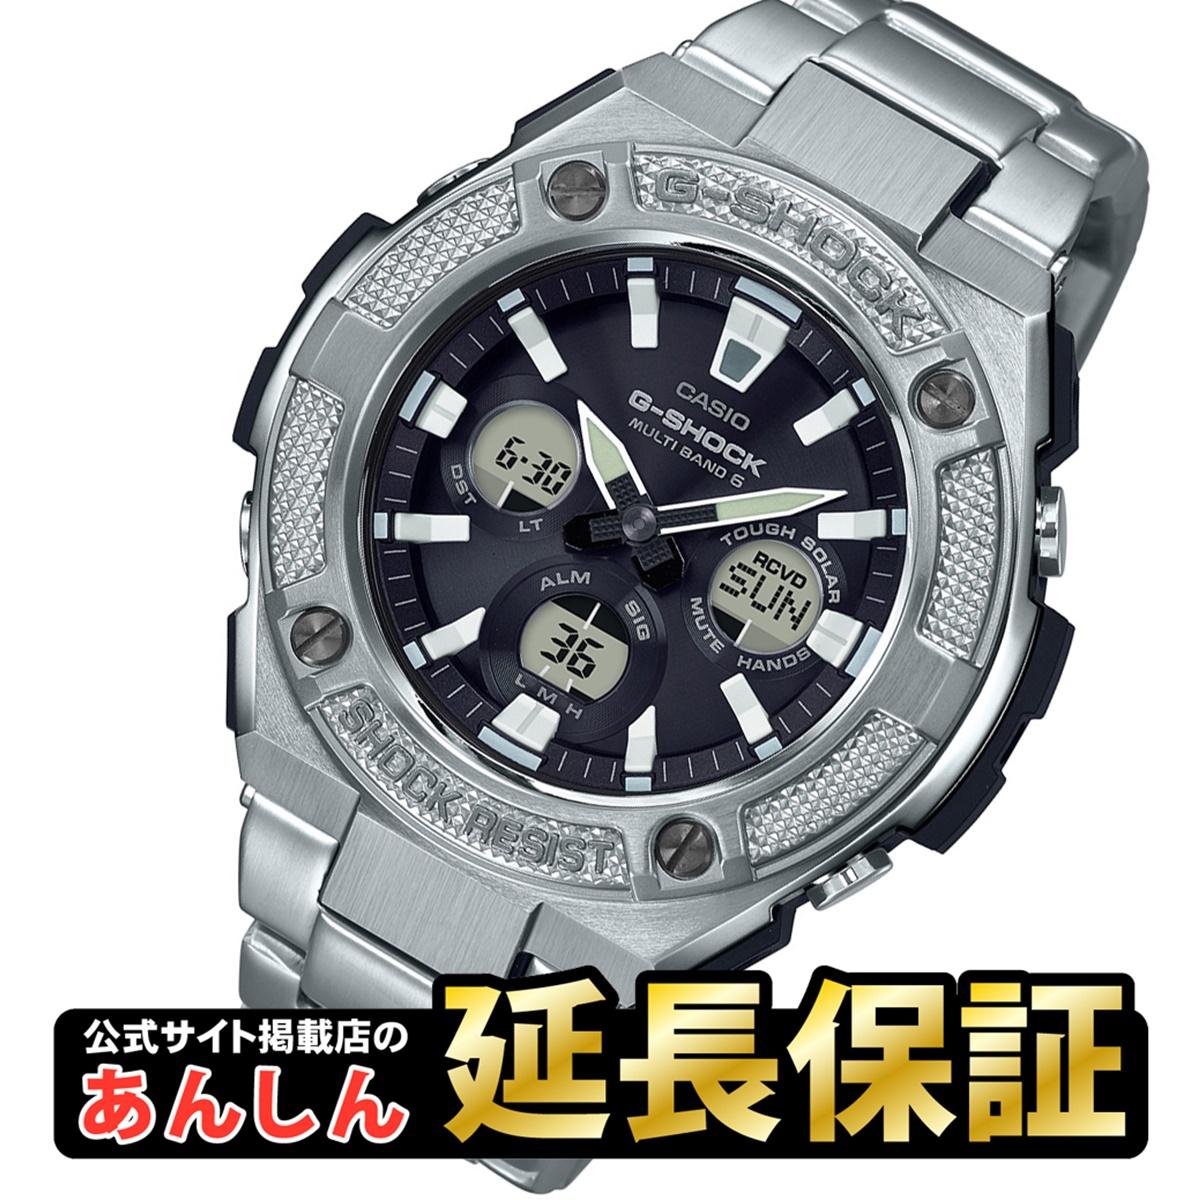 カシオ Gショック GST-W330D-1AJF G-STEEL ミドルサイズ 電波 ソーラー 電波時計 メンズ 腕時計 アナデジ タフソーラー Gスチール CASIO G-SHOCK 【正規品】【0918】